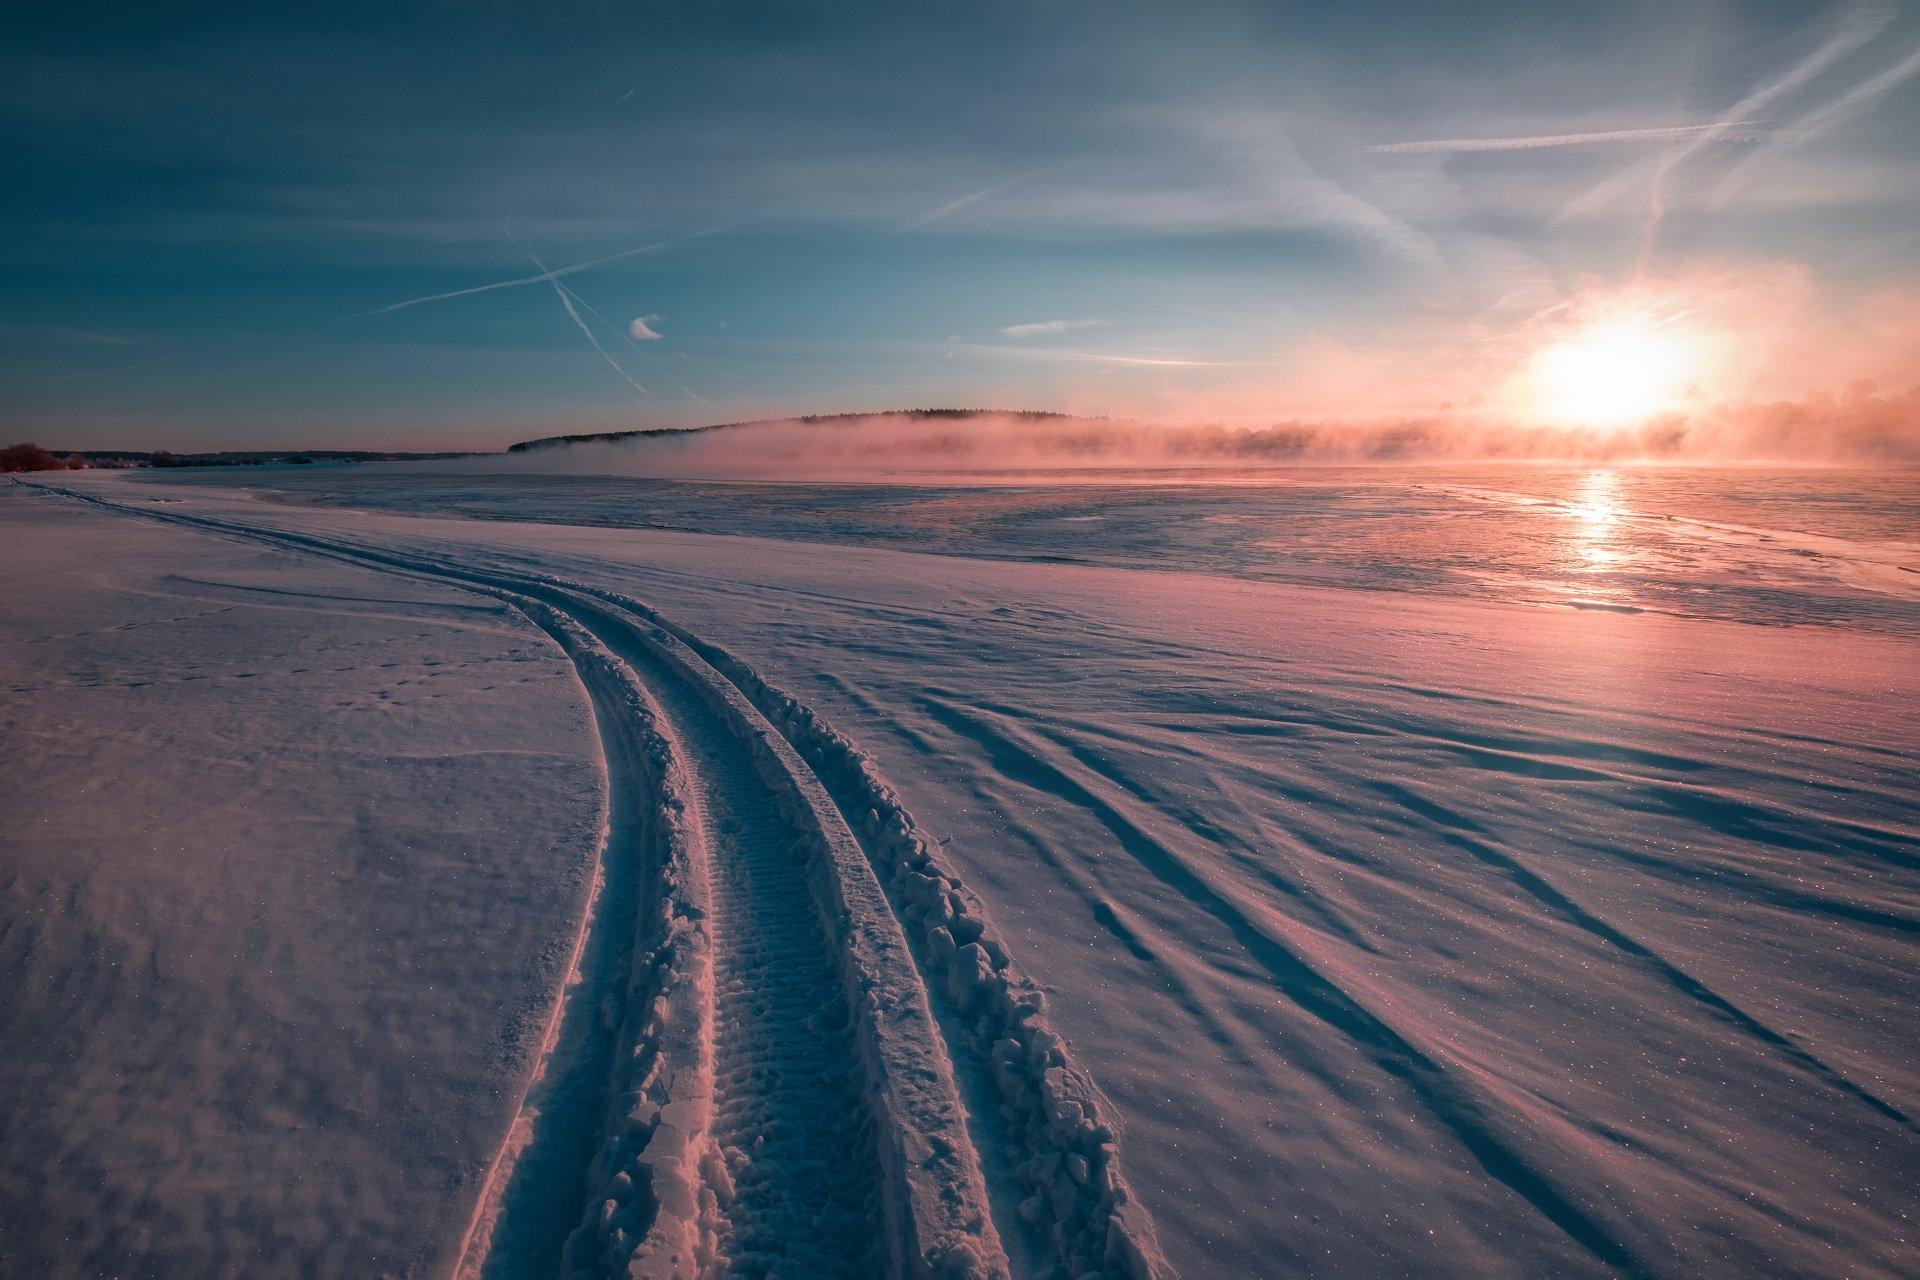 пейзаж, зима, река, лед, снег, утро, рассвет, восход, мороз, холод, волга, след, туман, Андрей Чиж